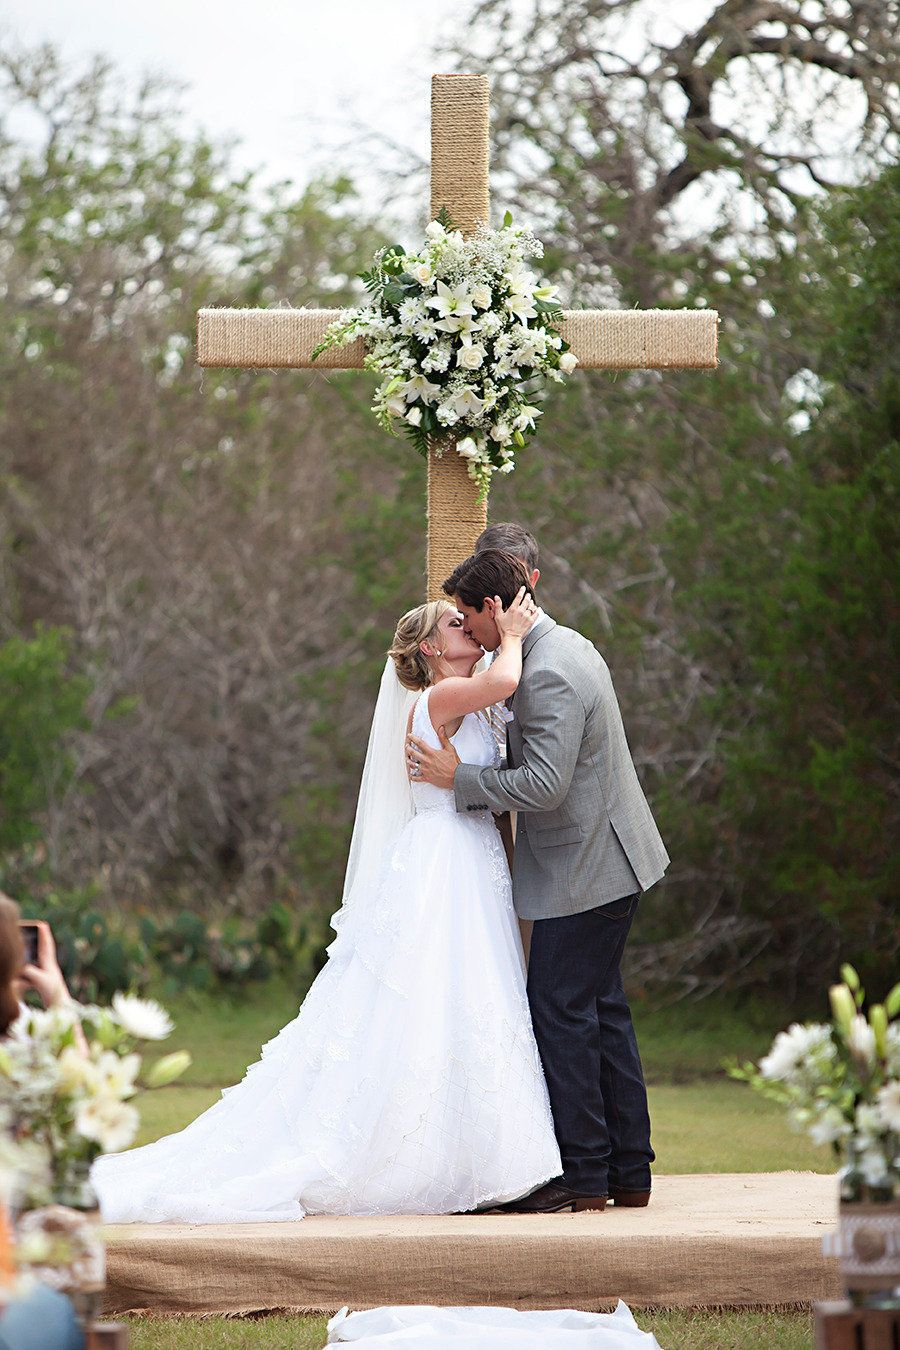 photo: Religious Marriage Bride